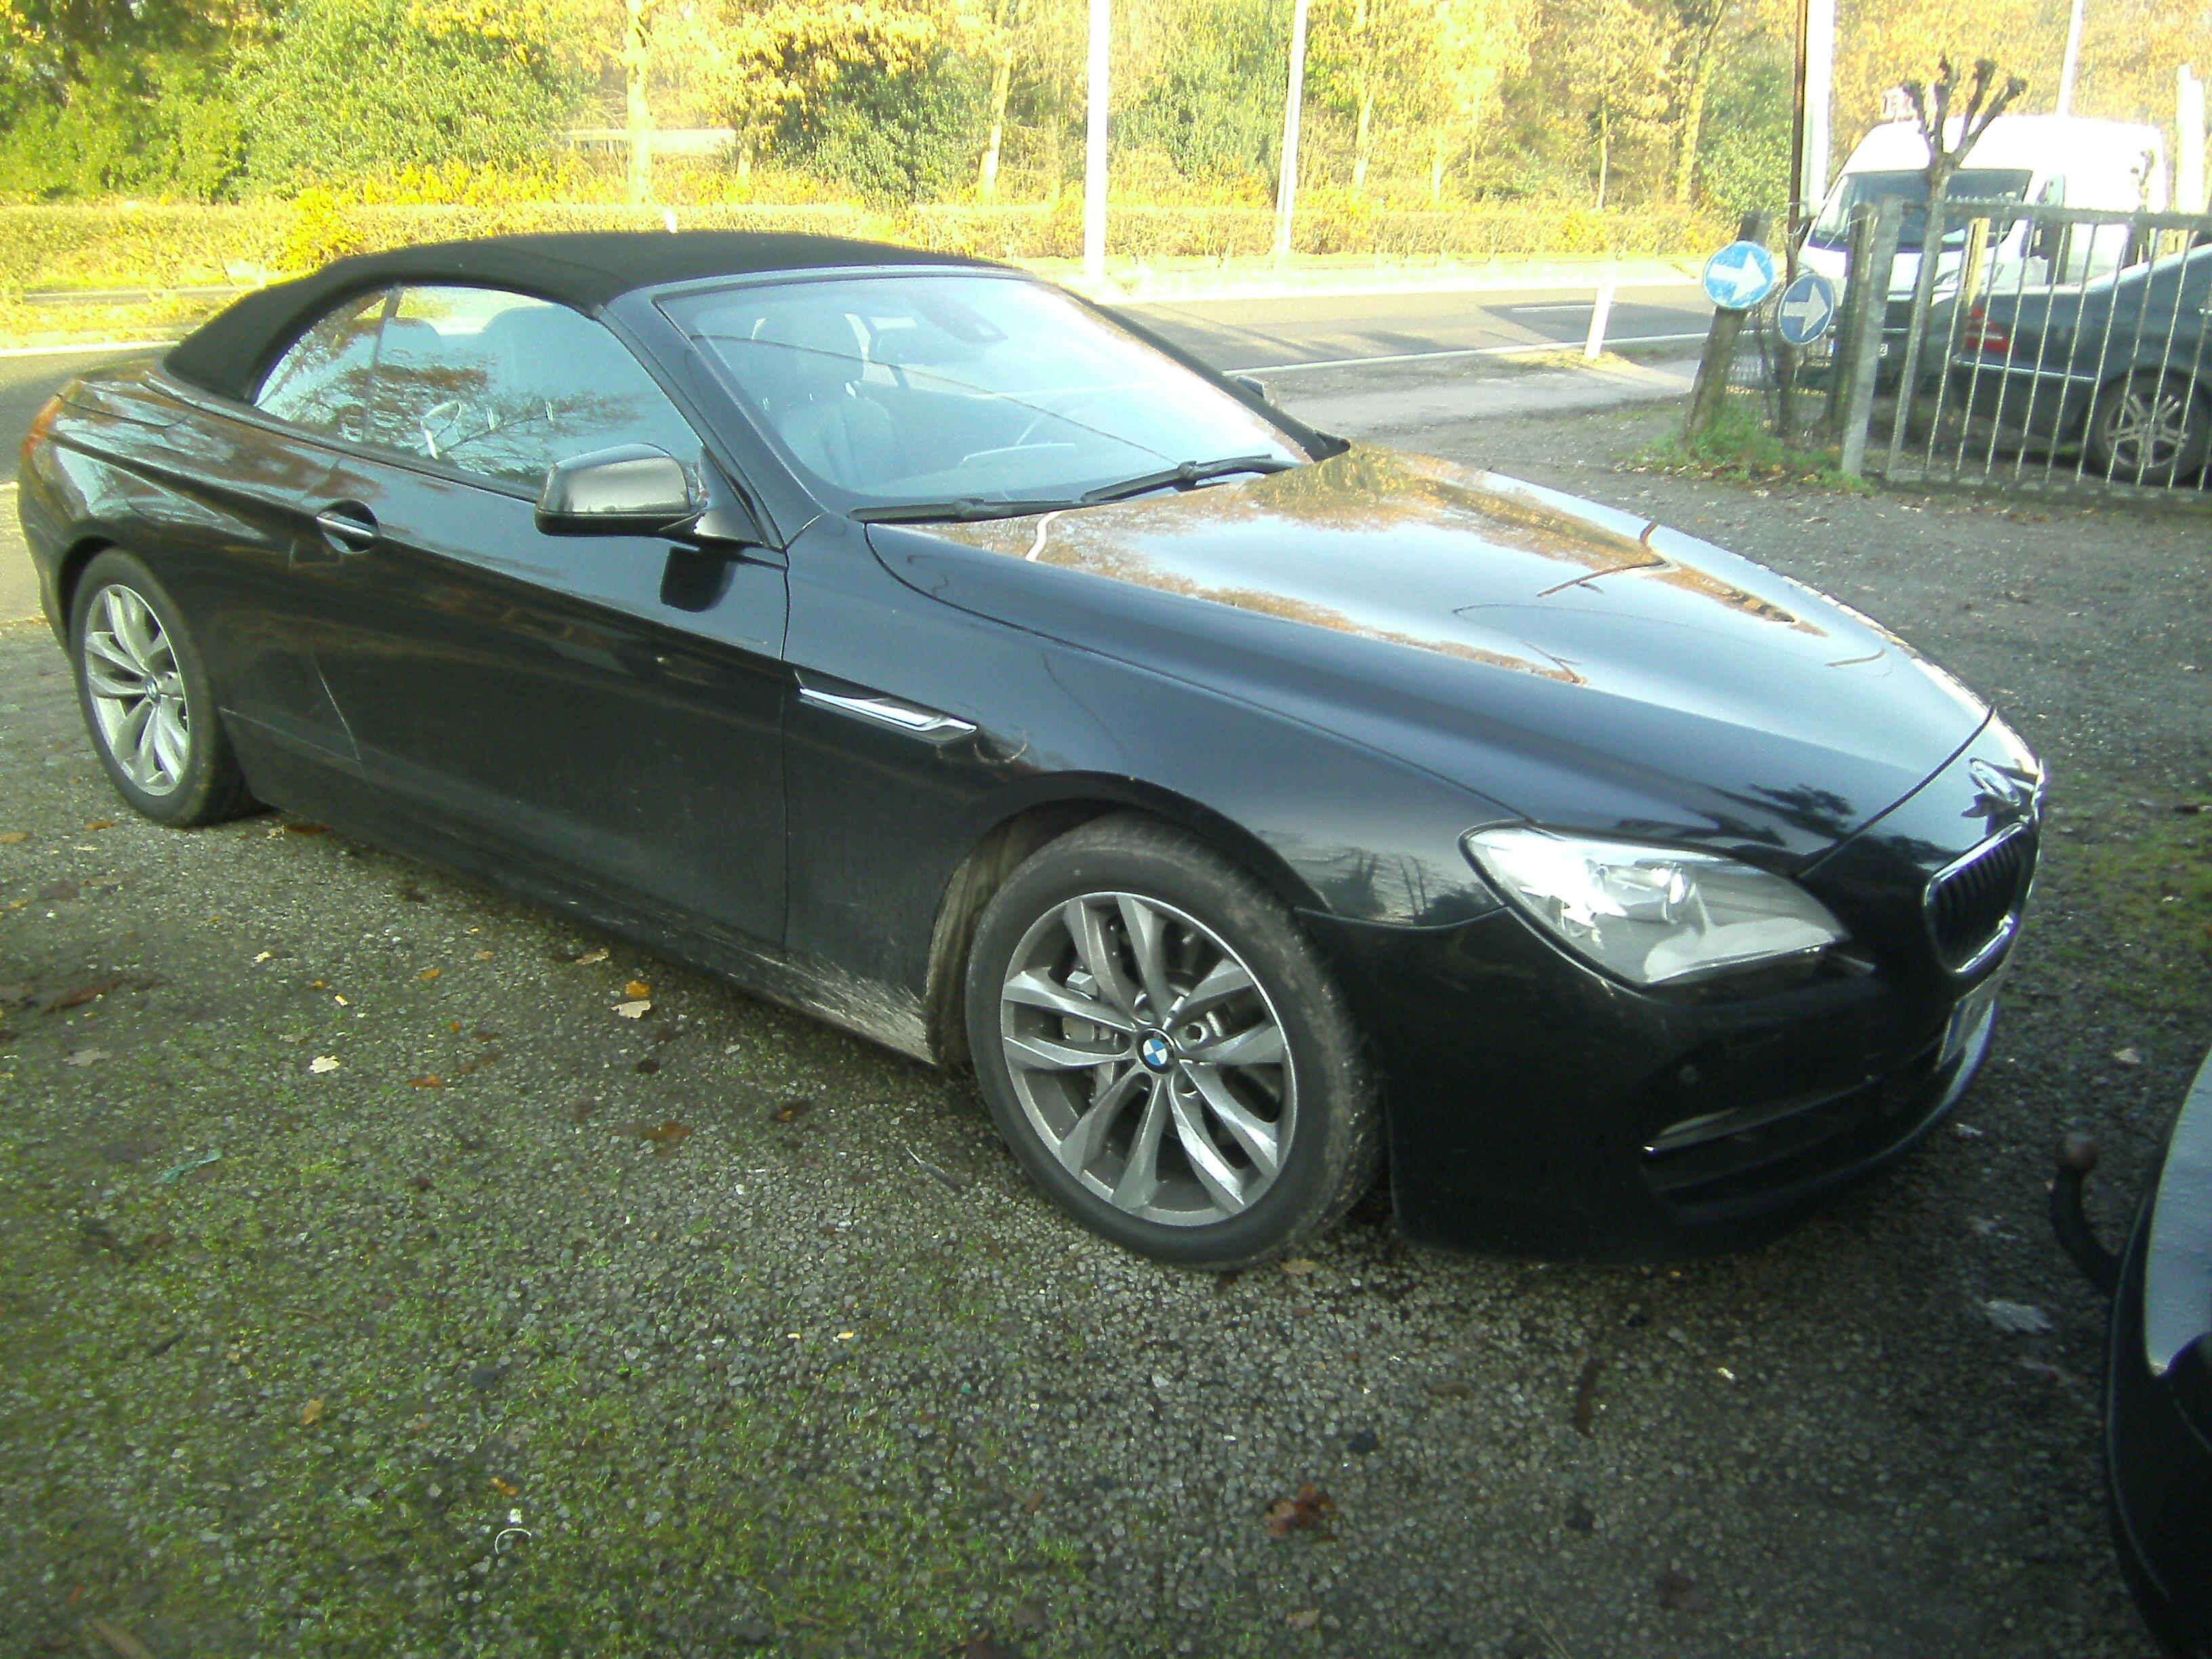 BMW 640 Convertible cabrio 3.0 benzine ,400 eur biv!!,105 dkm !!F.O.,29000 geen btw 3/5